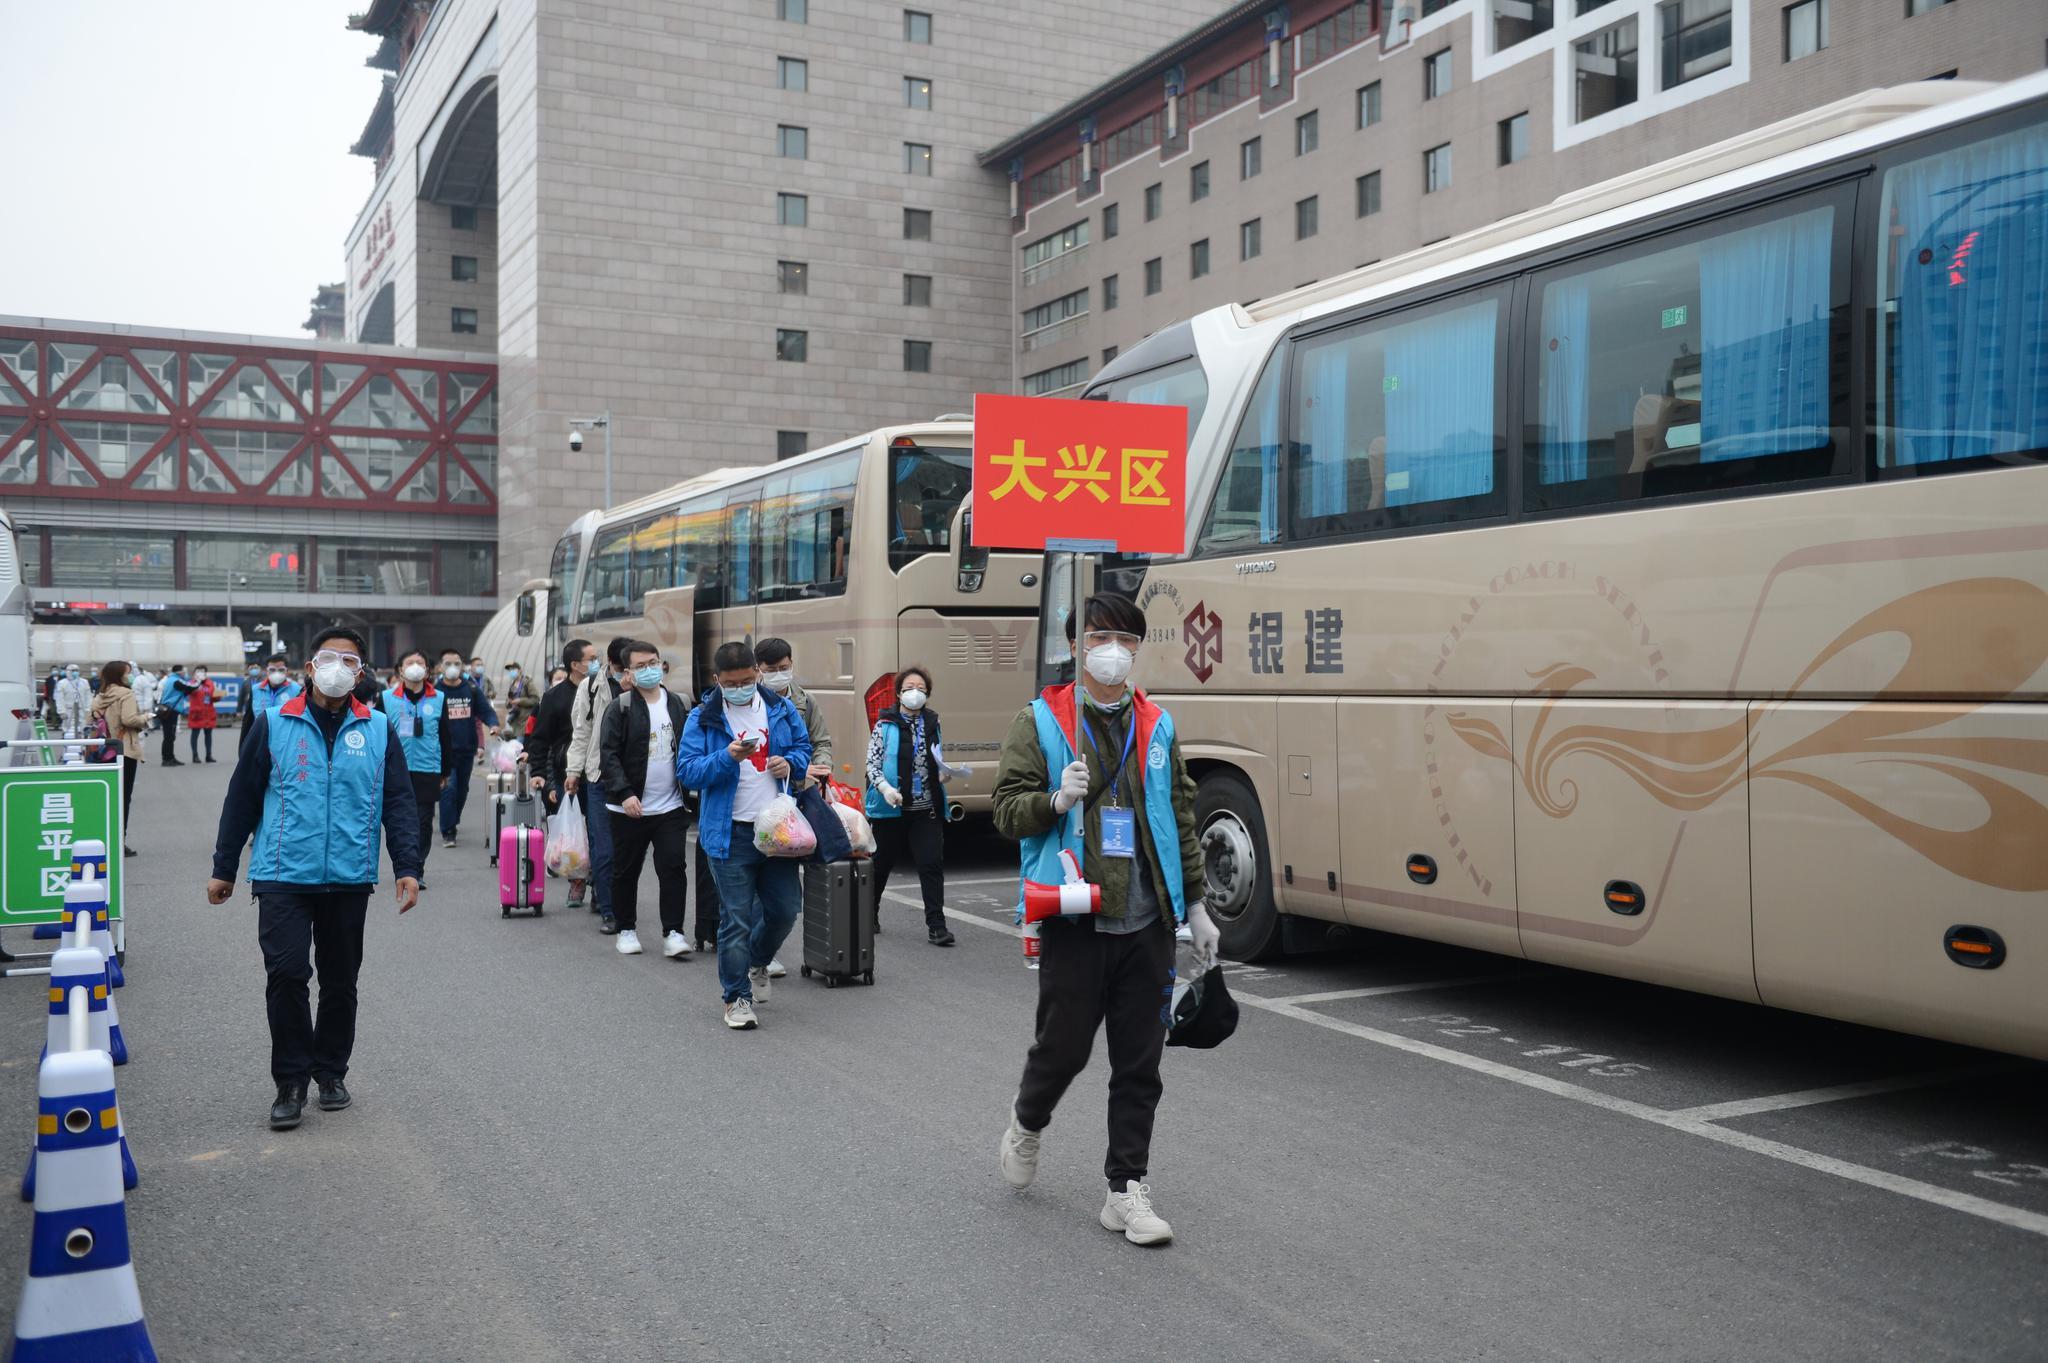 大兴区派专车迎接首批42名在鄂北京人员回家